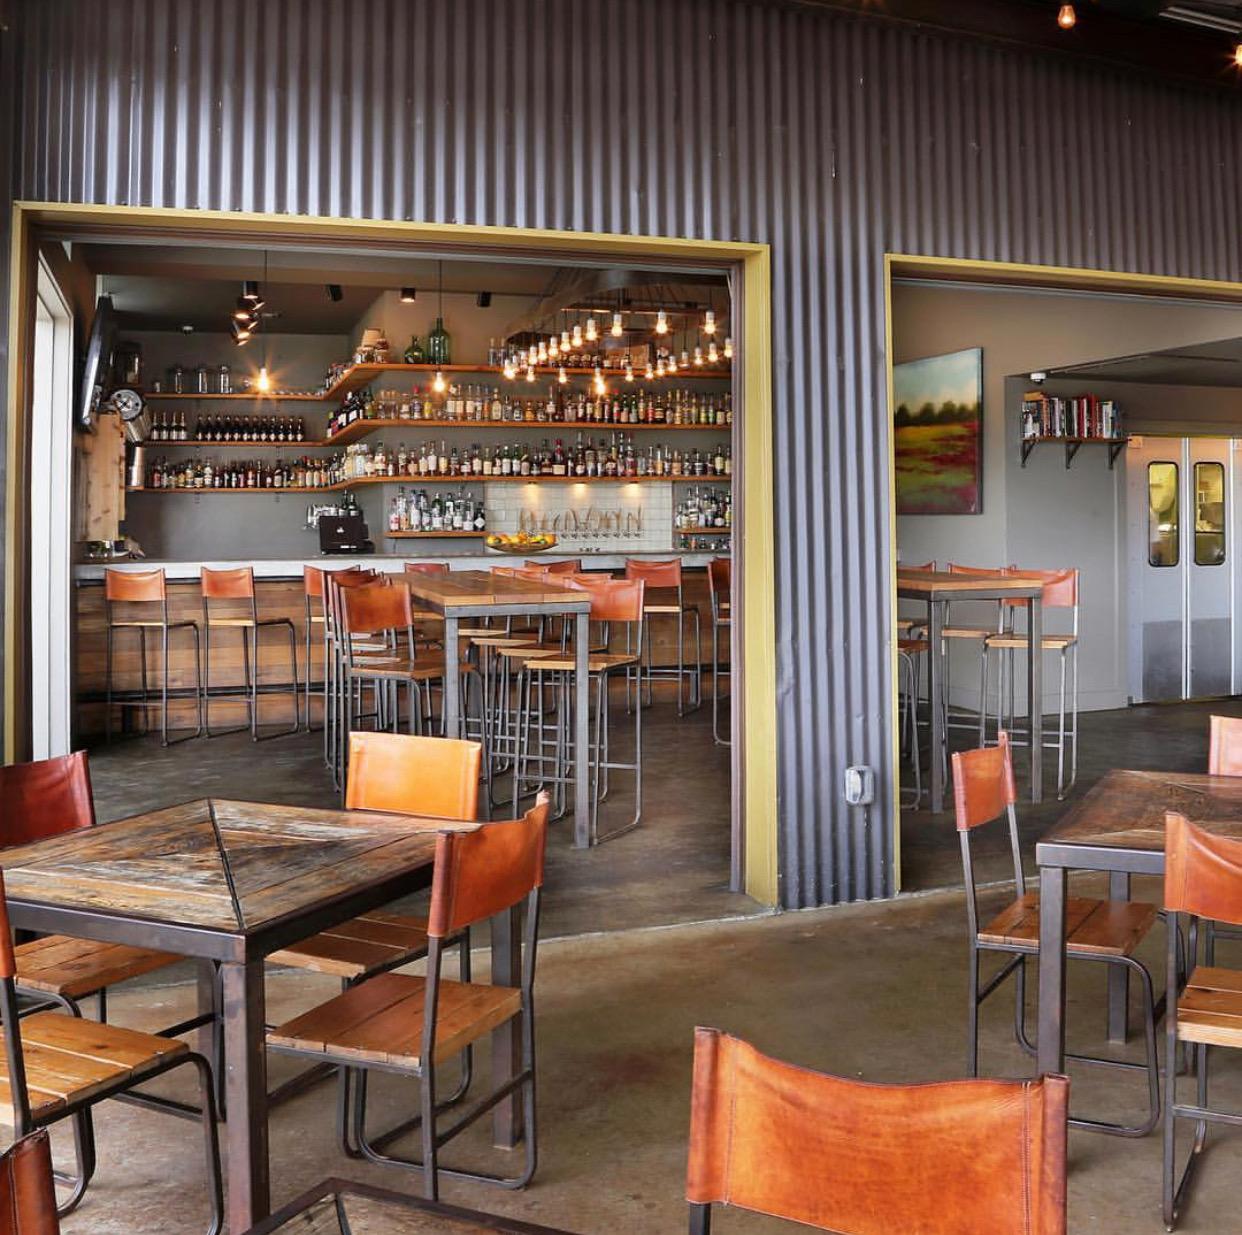 Indoor Bar & Seating